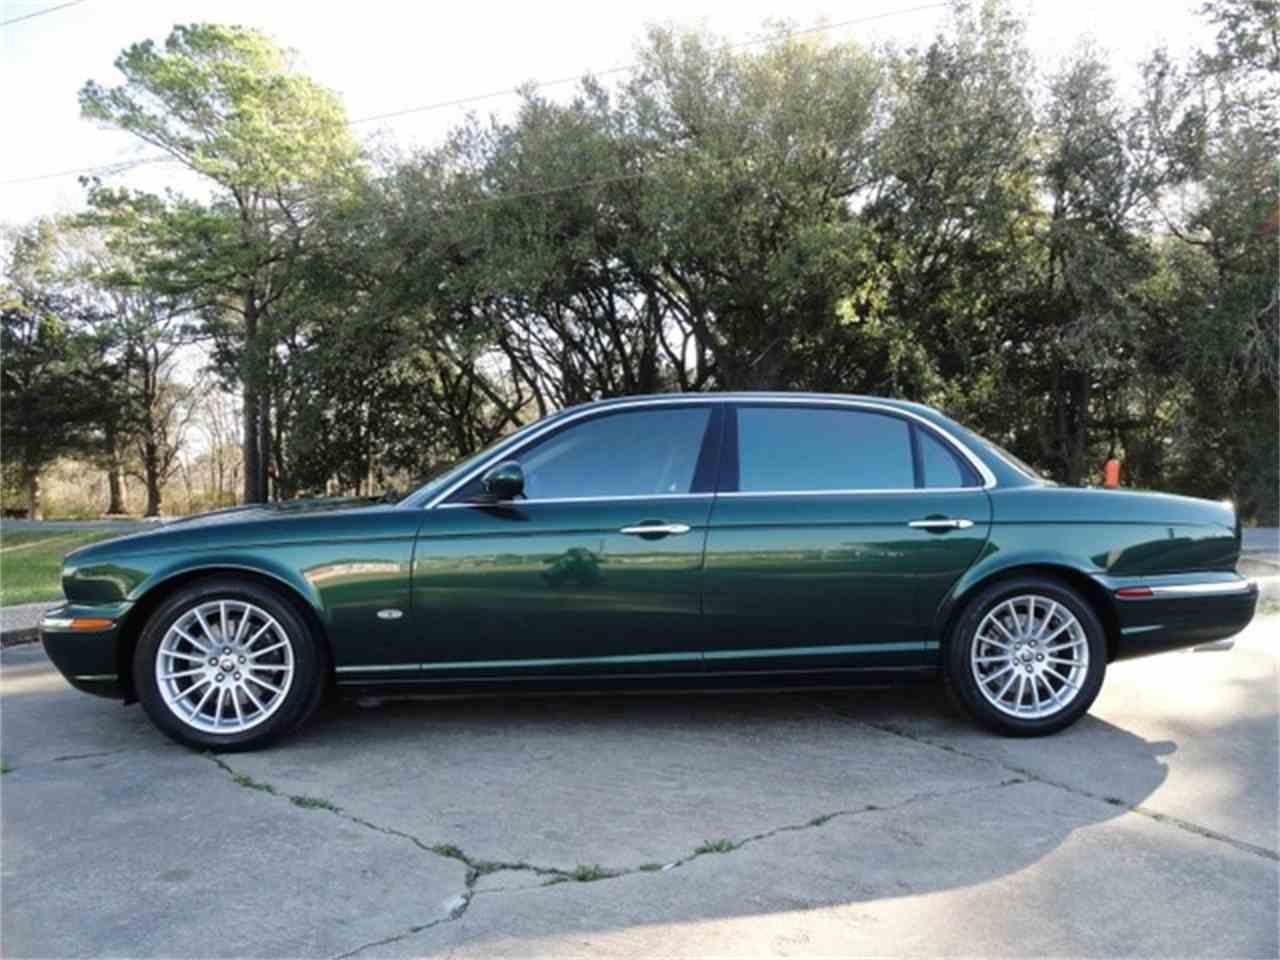 mi salvage view in sale of lot online left copart jaguar auto auctions carfinder en title on vehicle blue lansing cert